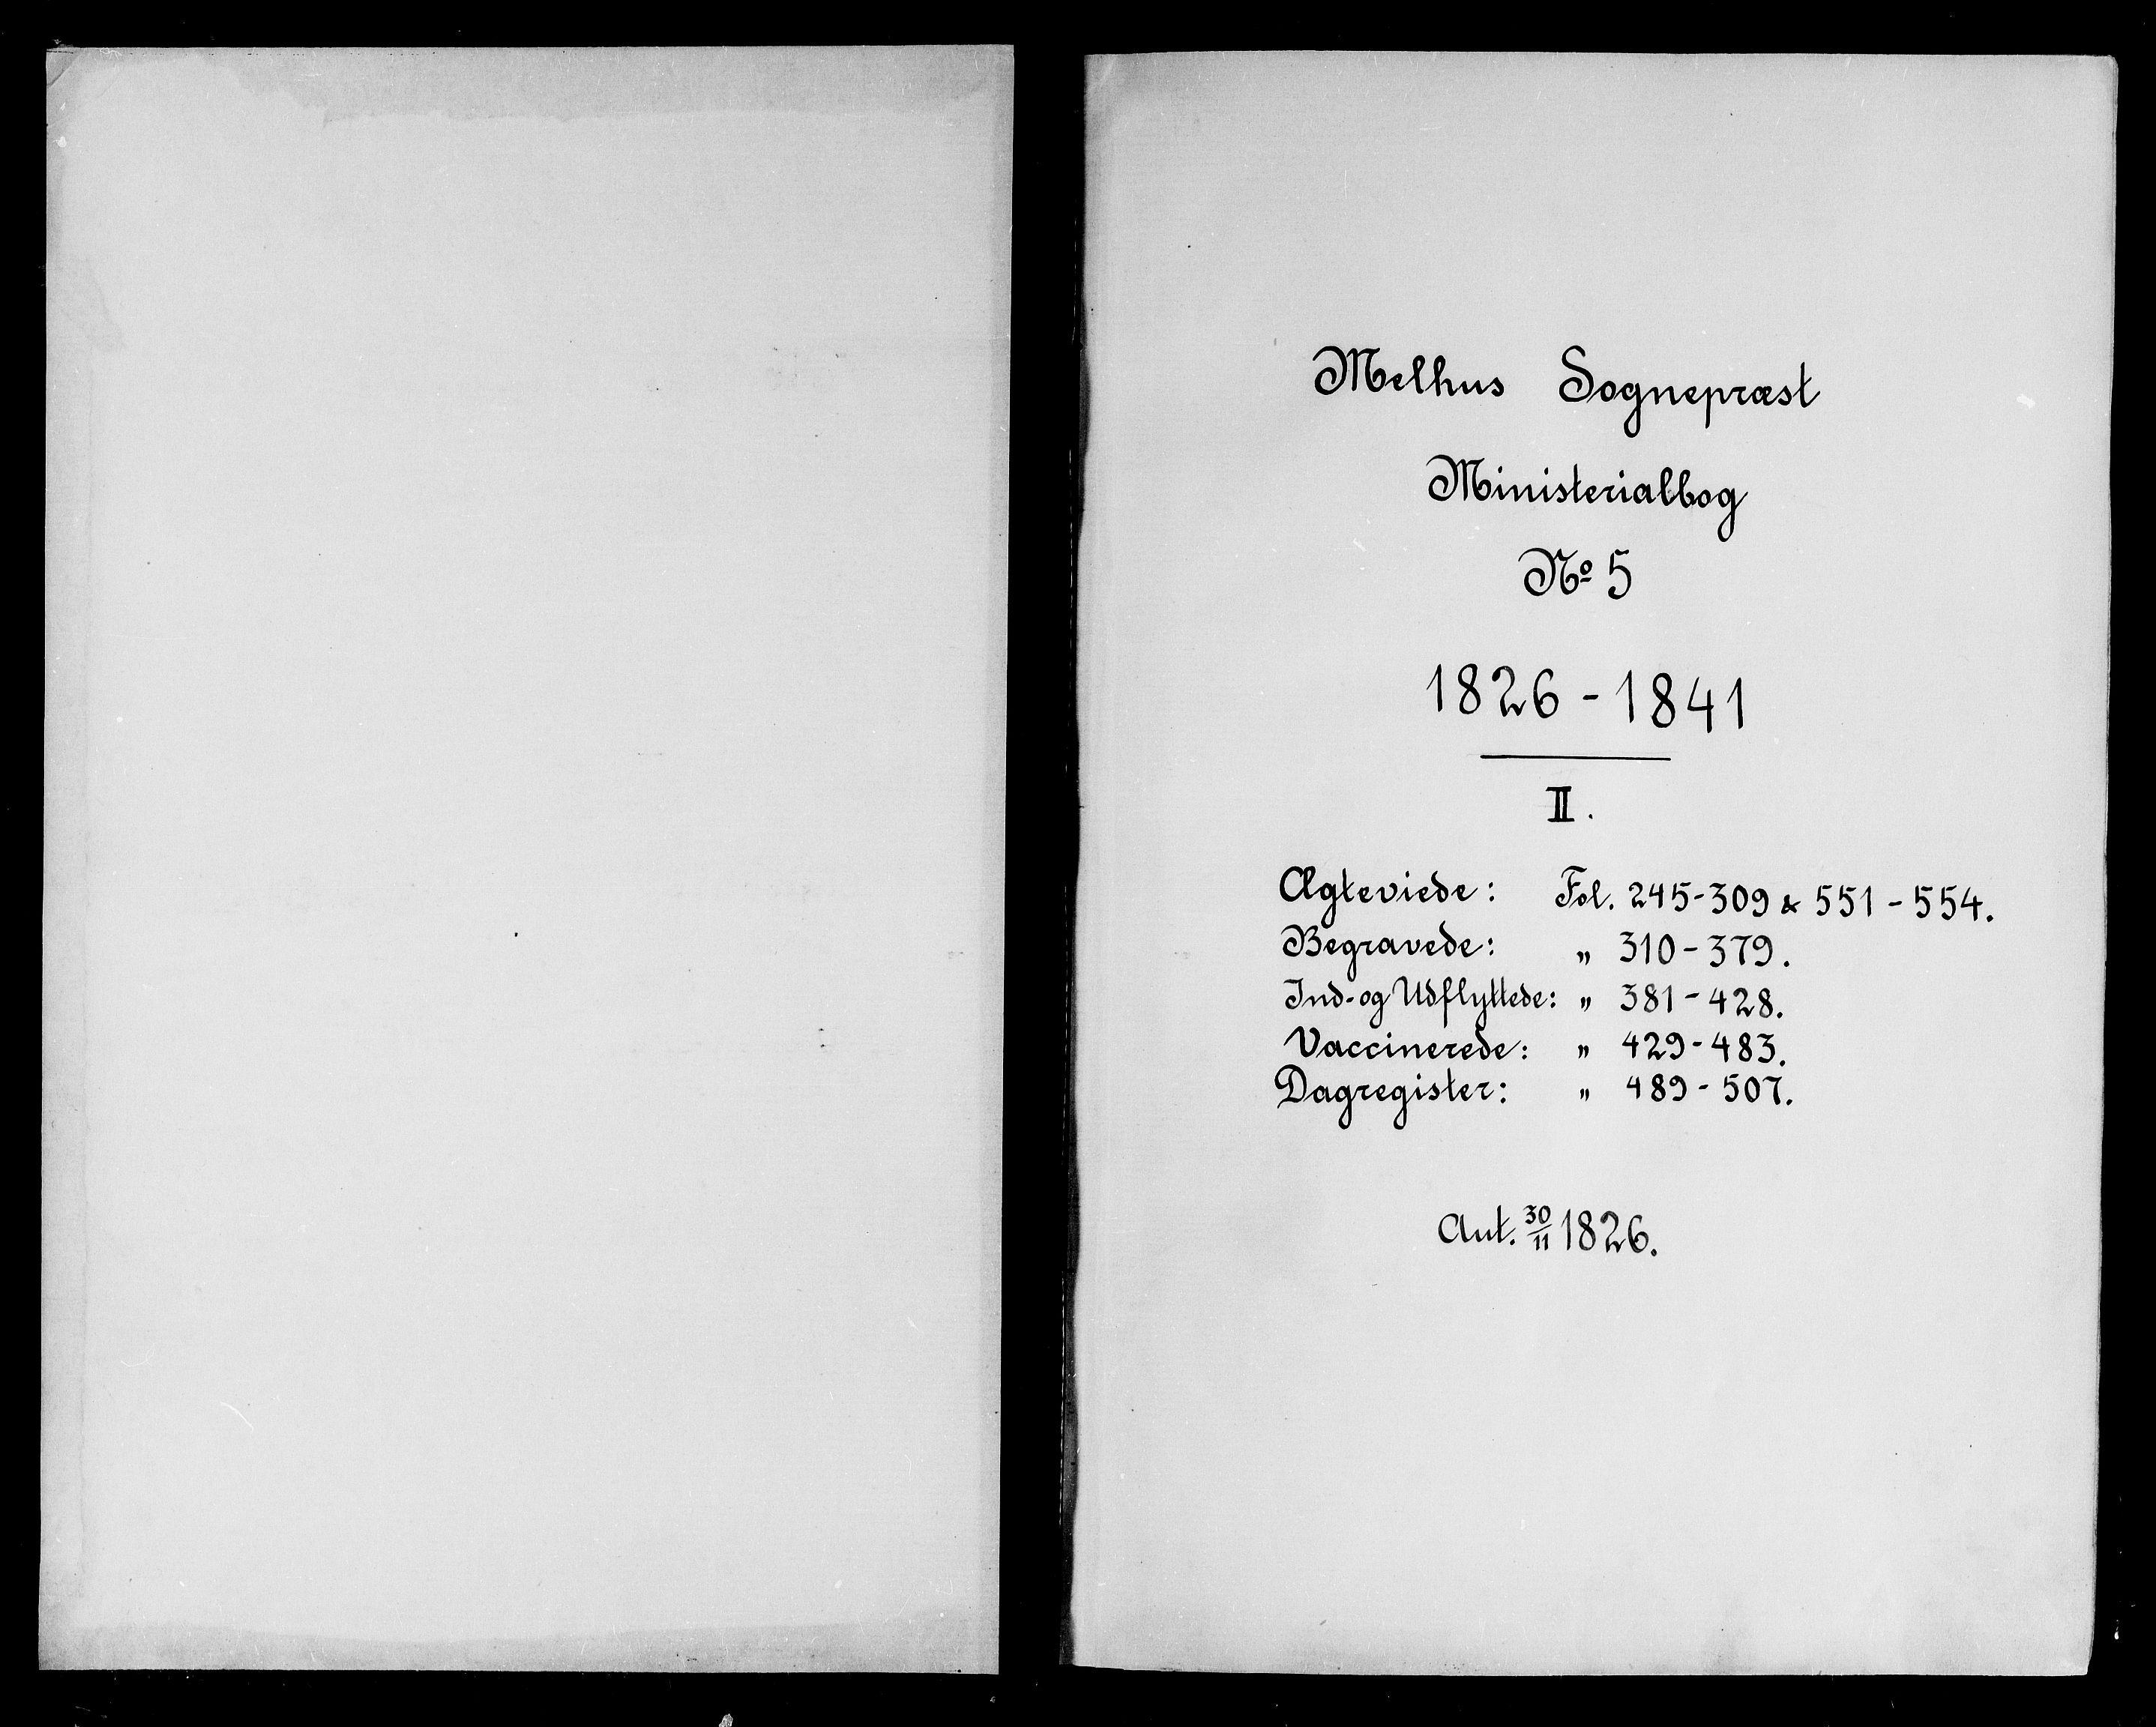 SAT, Ministerialprotokoller, klokkerbøker og fødselsregistre - Sør-Trøndelag, 691/L1071: Ministerialbok nr. 691A05 /2, 1826-1841